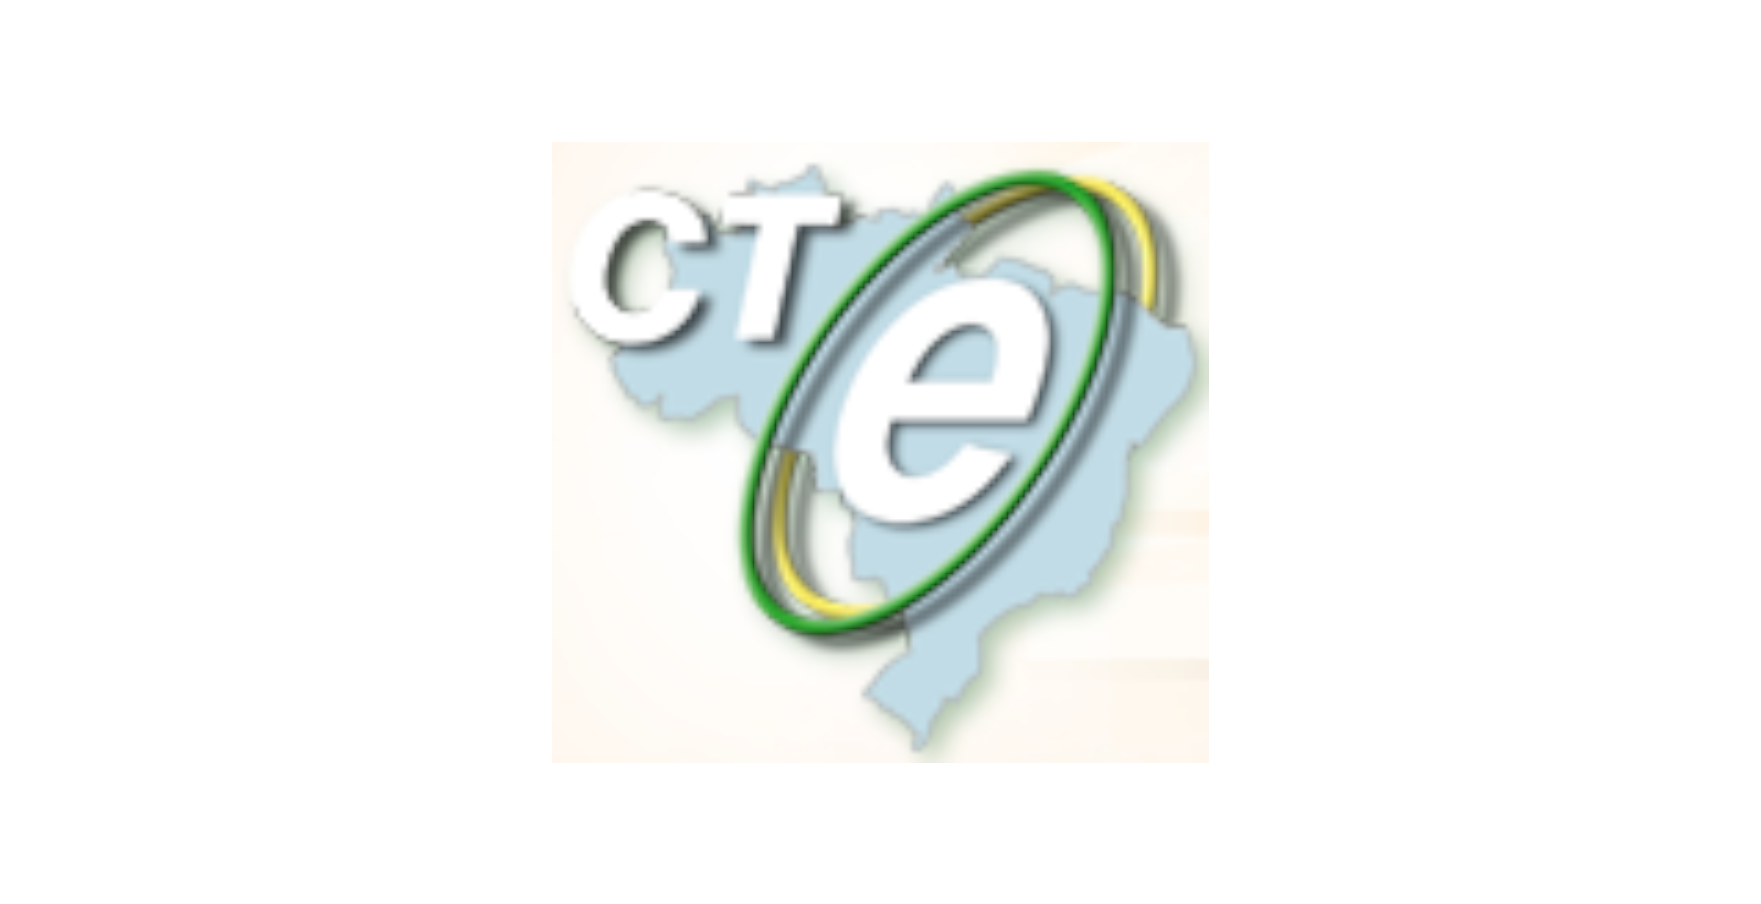 Atualização API CT-e 3.0 com modelo 3.00a